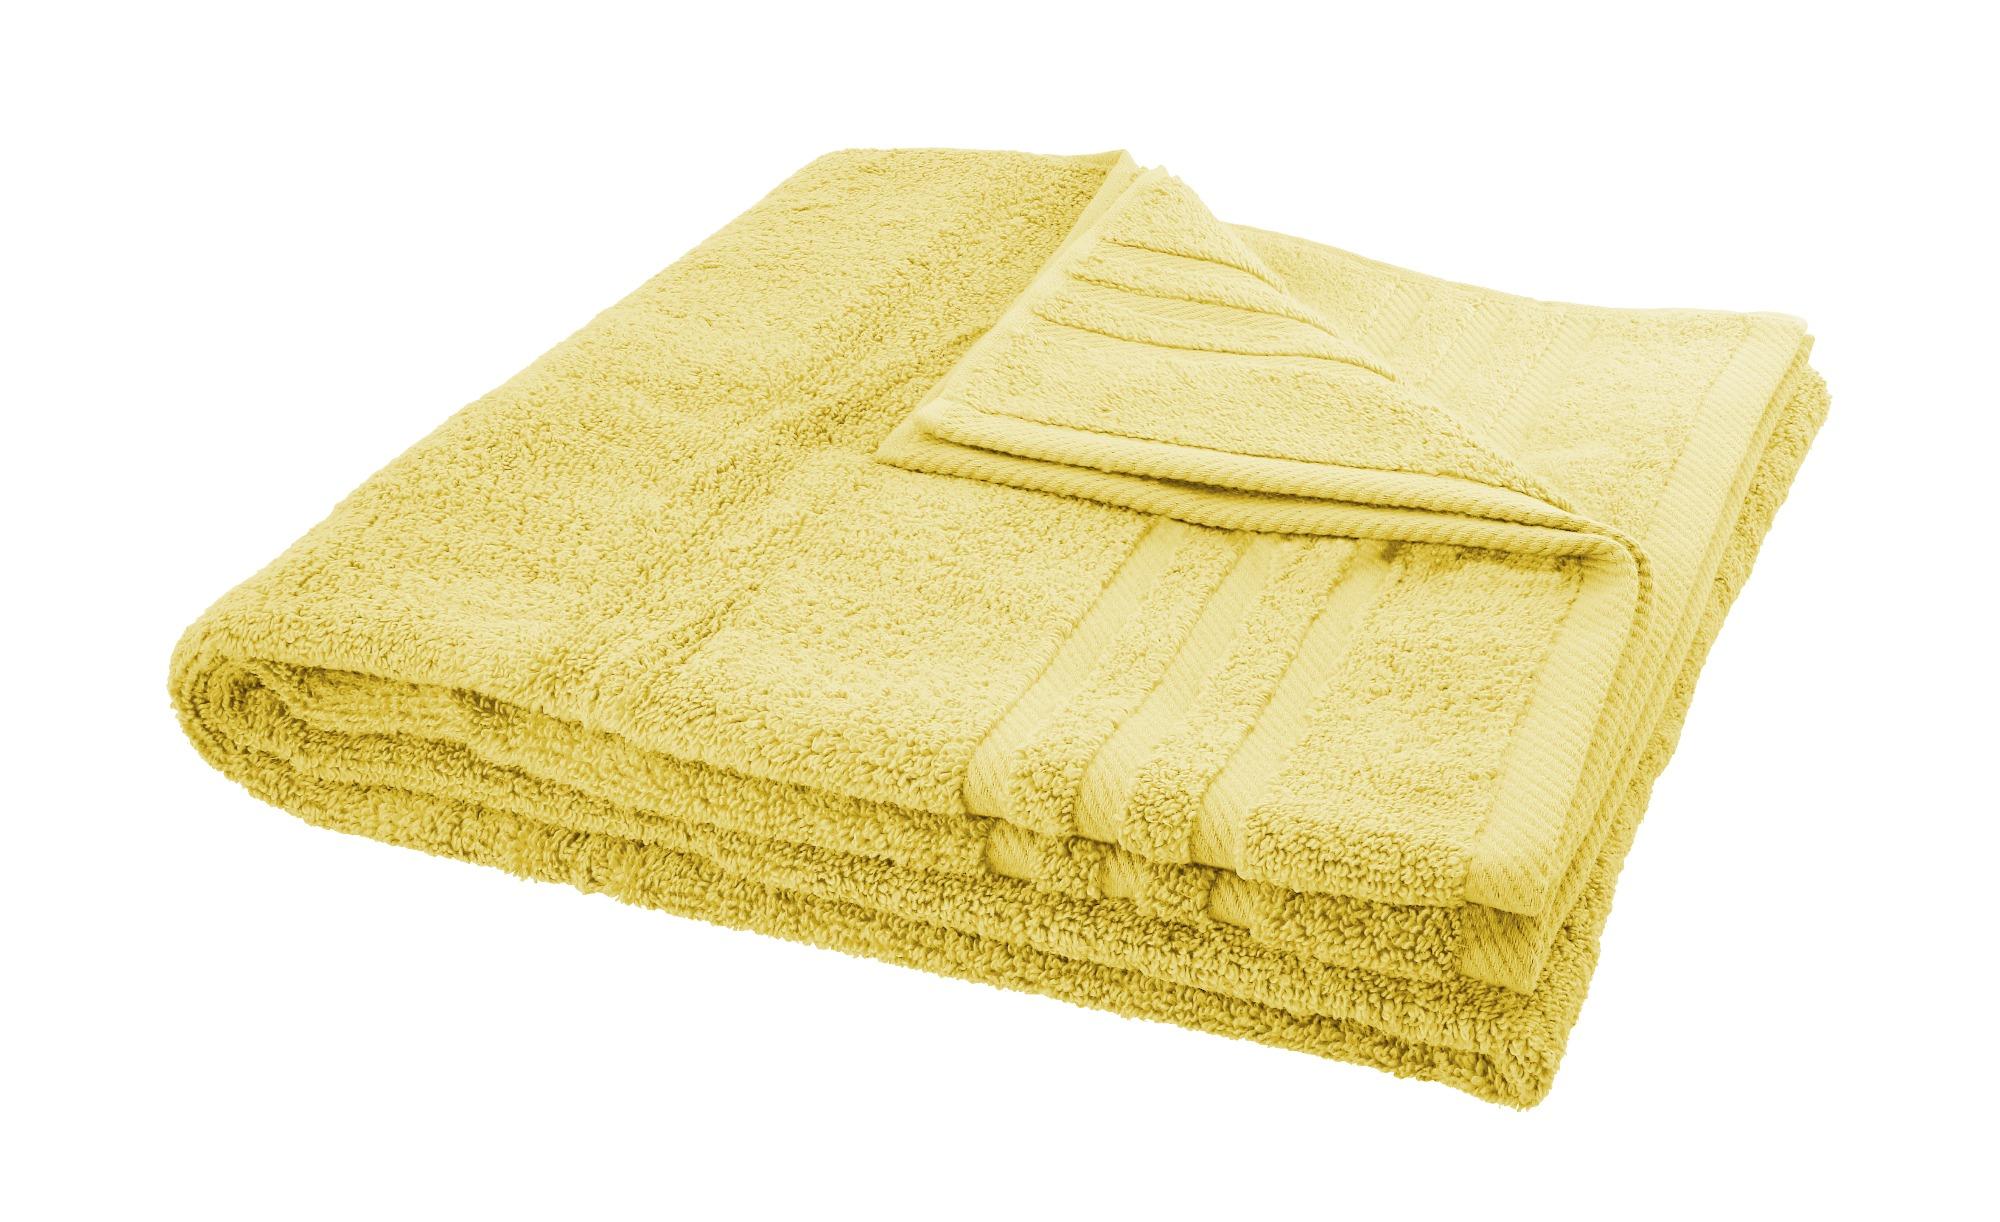 LAVIDA Duschtuch  Soft Cotton ¦ gelb ¦ reine Micro-Baumwolle ¦ Maße (cm): B: 70 Badtextilien und Zubehör > Handtücher & Badetücher > Duschtücher - Höffner